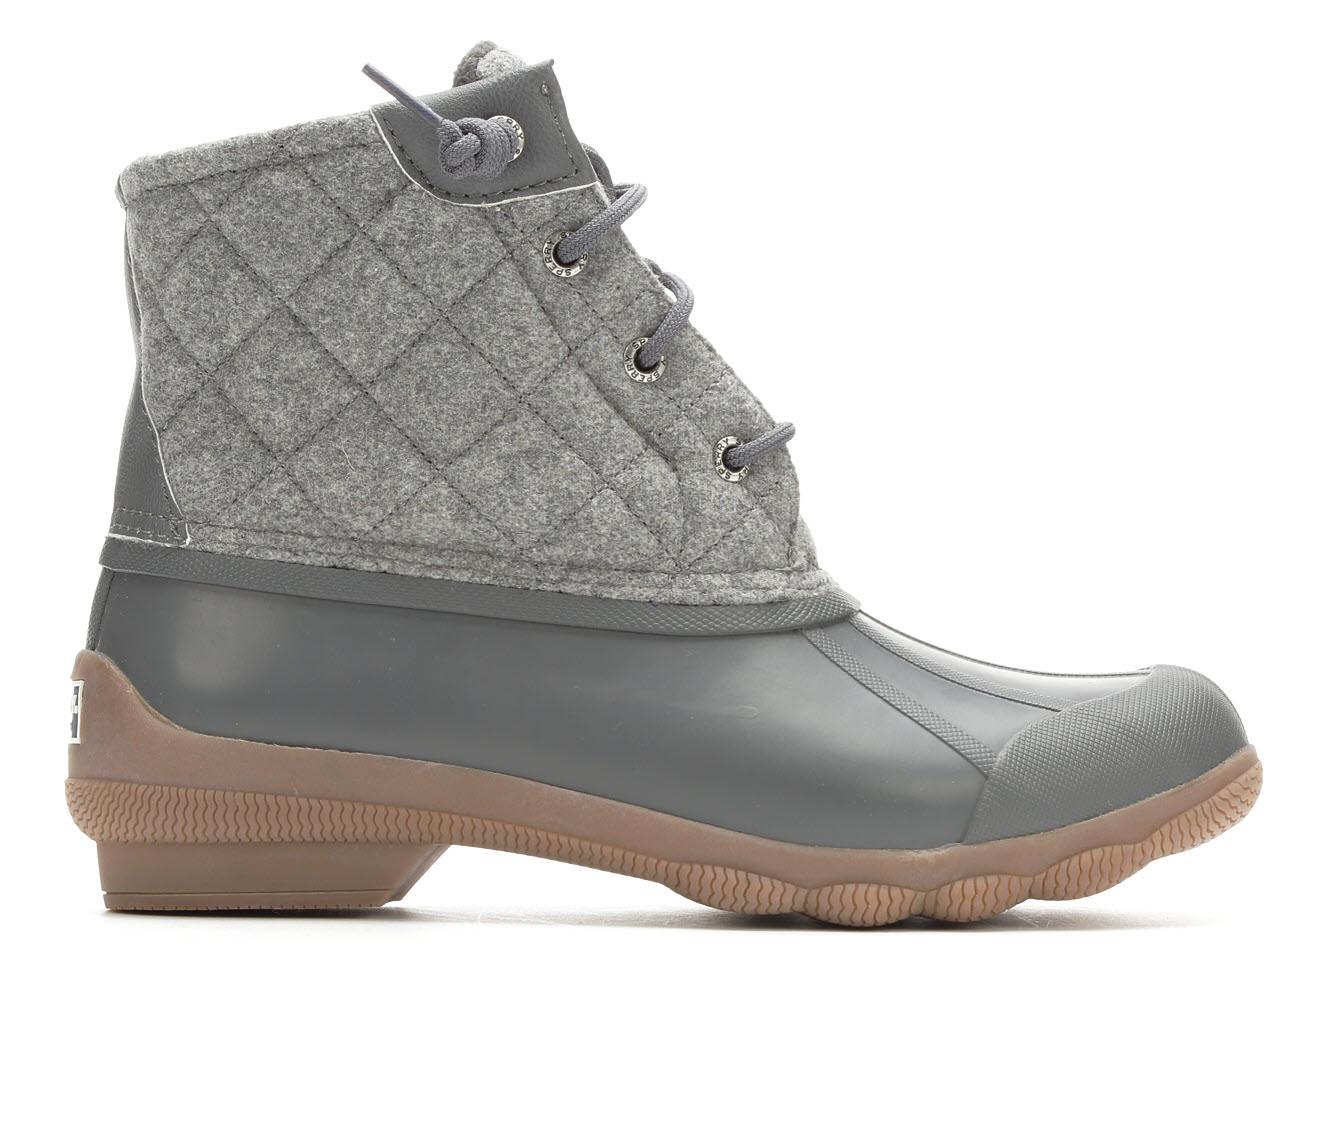 Sperry Syren Gulf Wool Women's Shoe (Gray - Canvas)